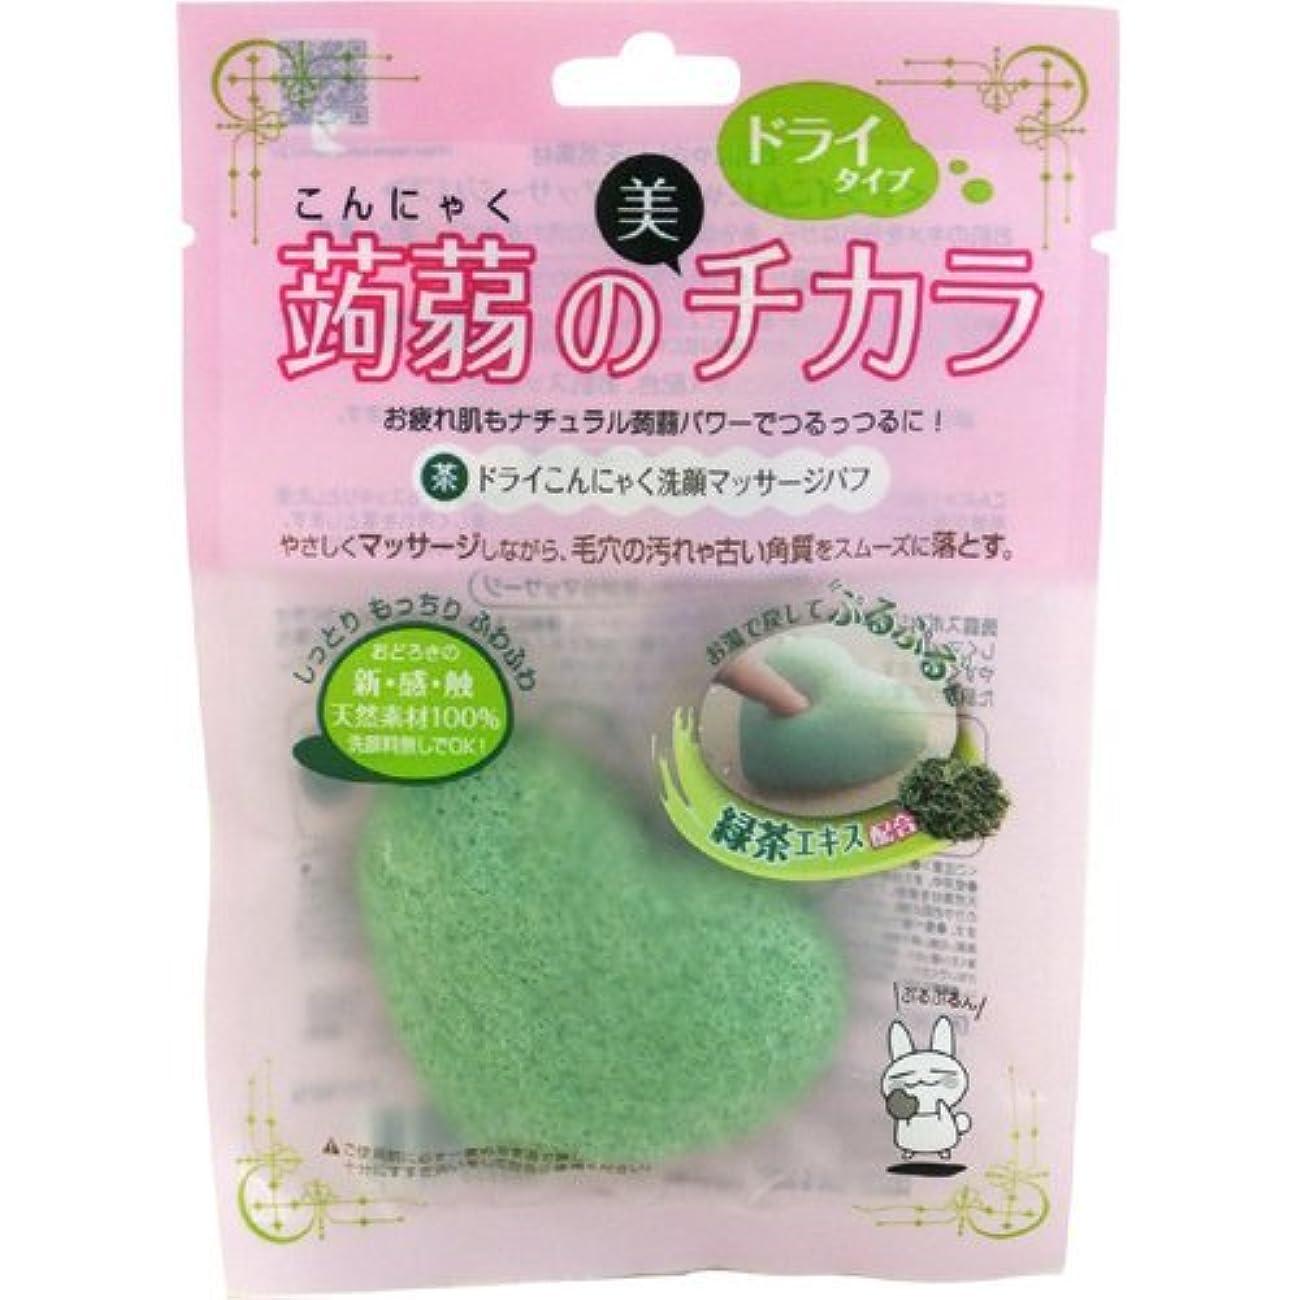 空中ピザ章ドライ蒟蒻センガンマッサージパフ 緑茶